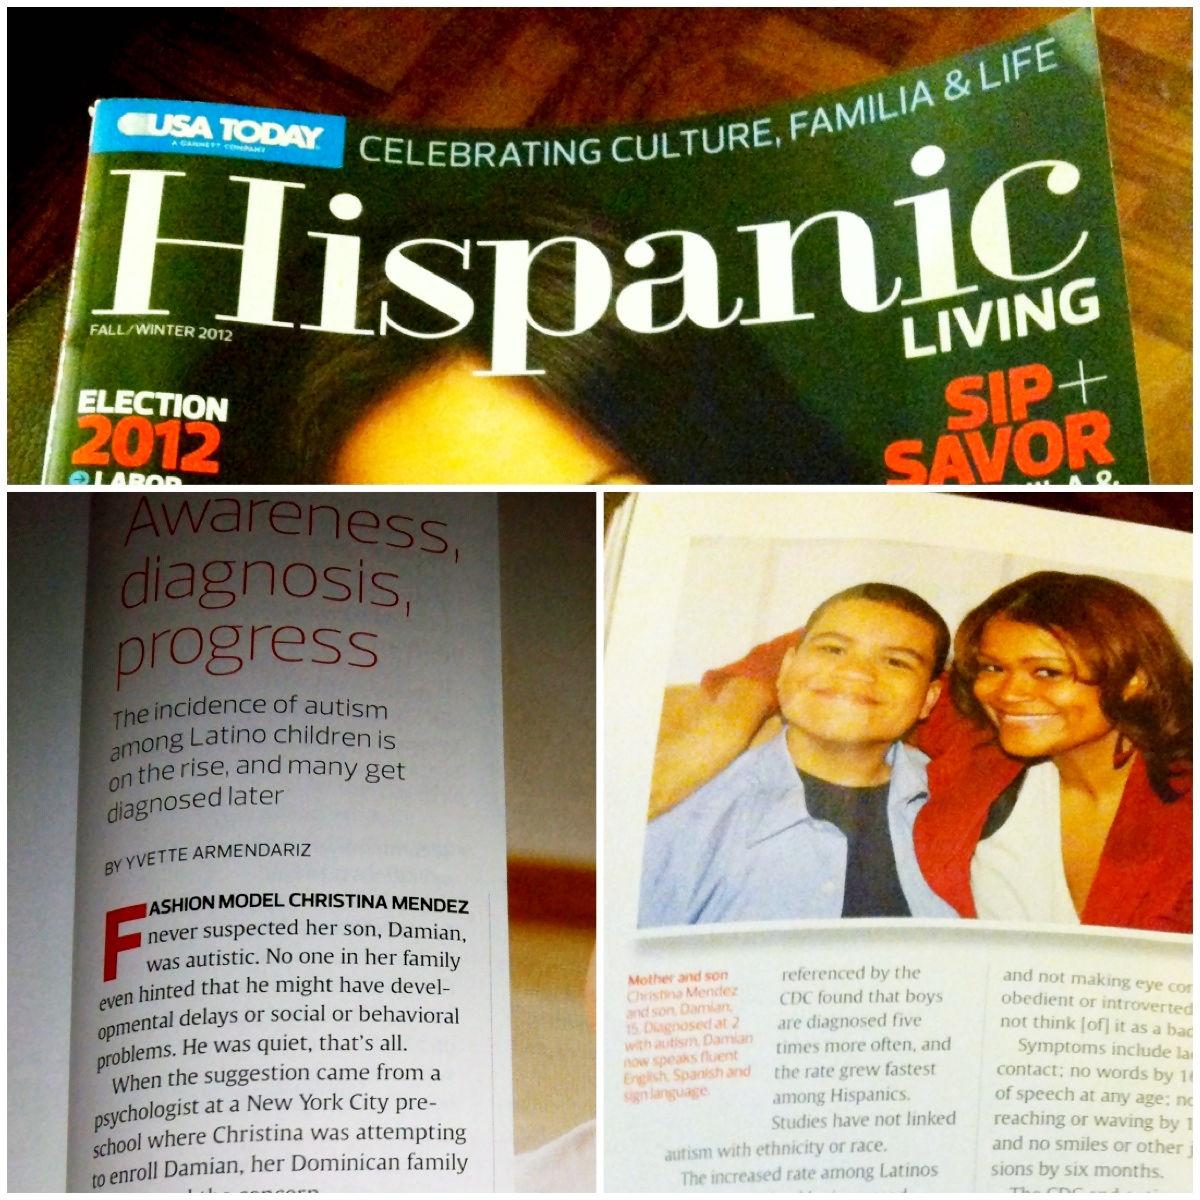 USA Today - Hispanic Living